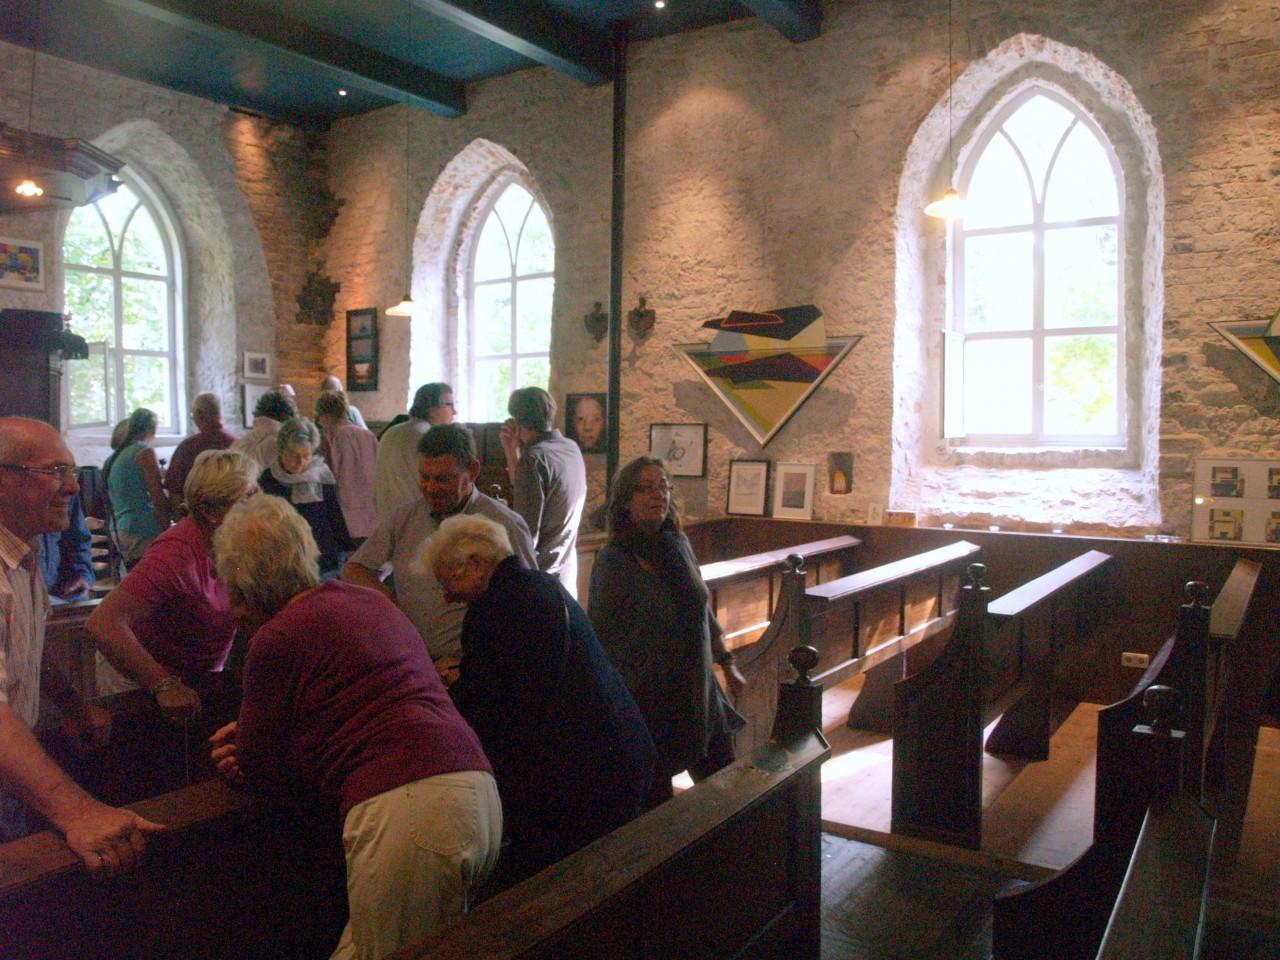 Weekend Ter Horst, Tentoonstelling in de kerk (foto 4)